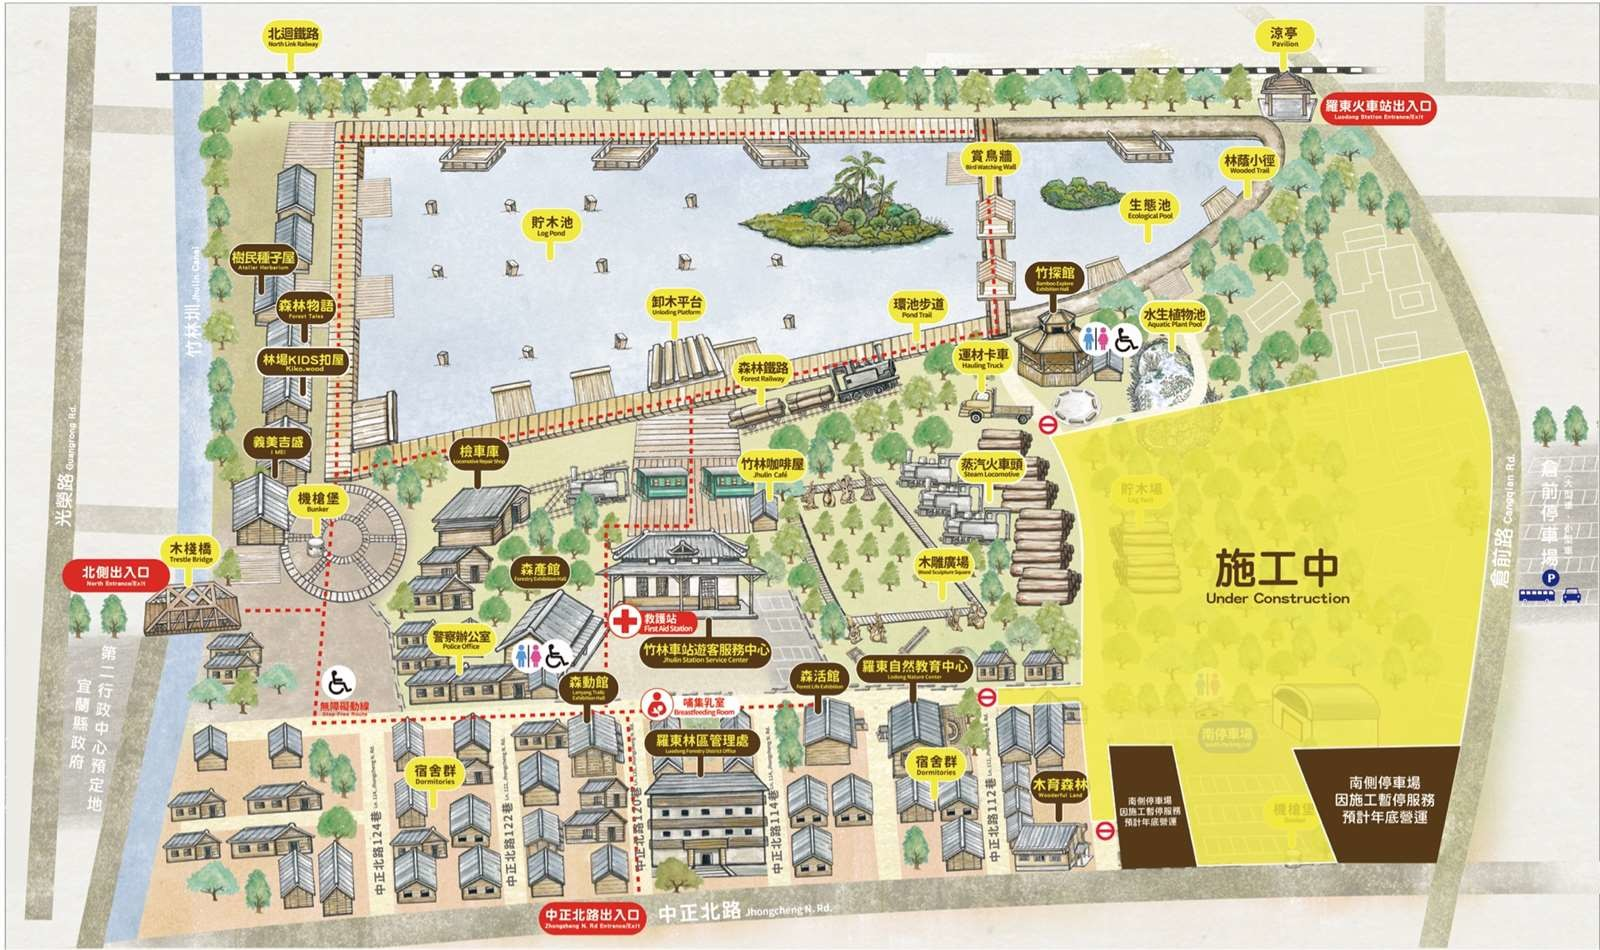 羅東林場・羅東林業文化園區園區地圖